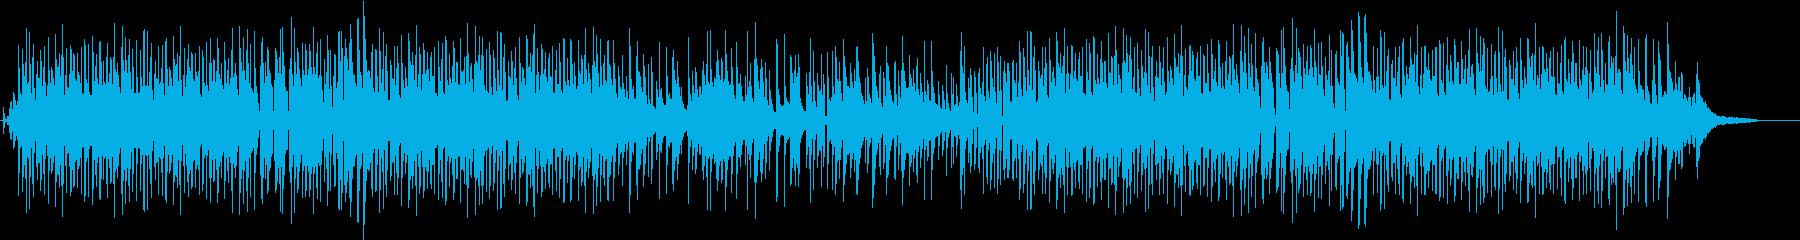 軽快な印象のジャズトリオの再生済みの波形